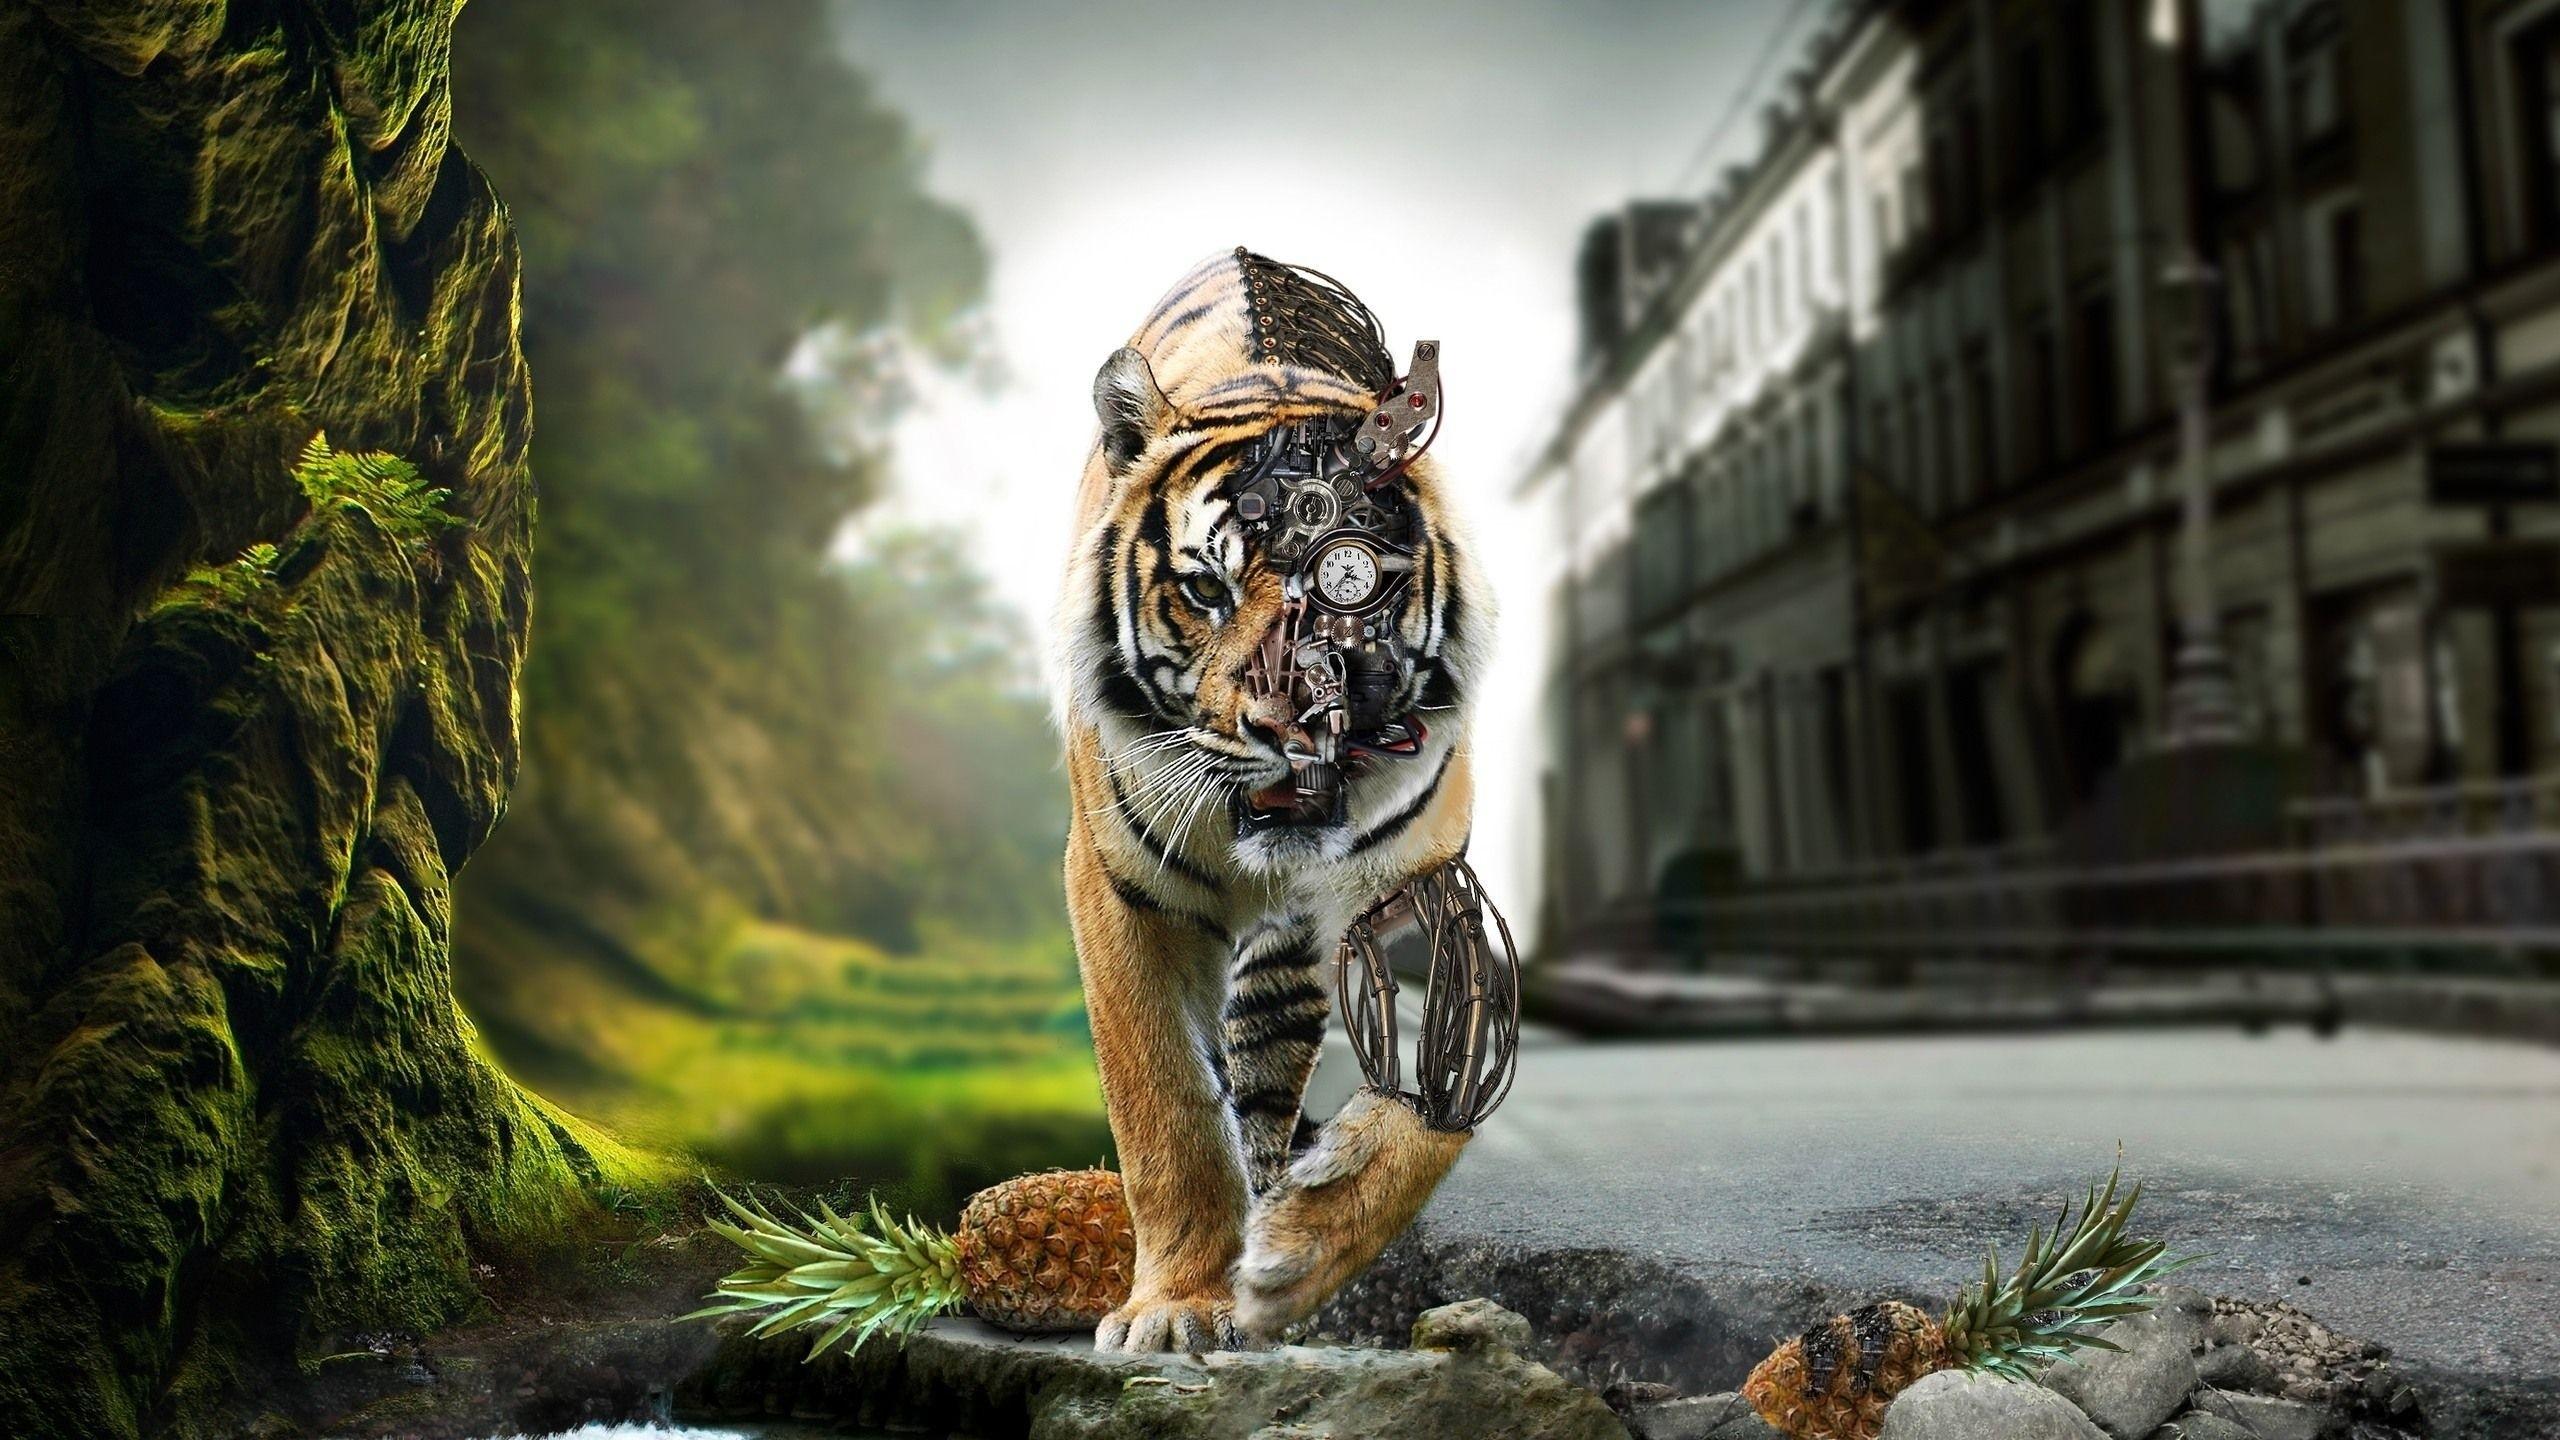 Res: 2560x1440, animals tigers  wallpaper Art HD Wallpaper